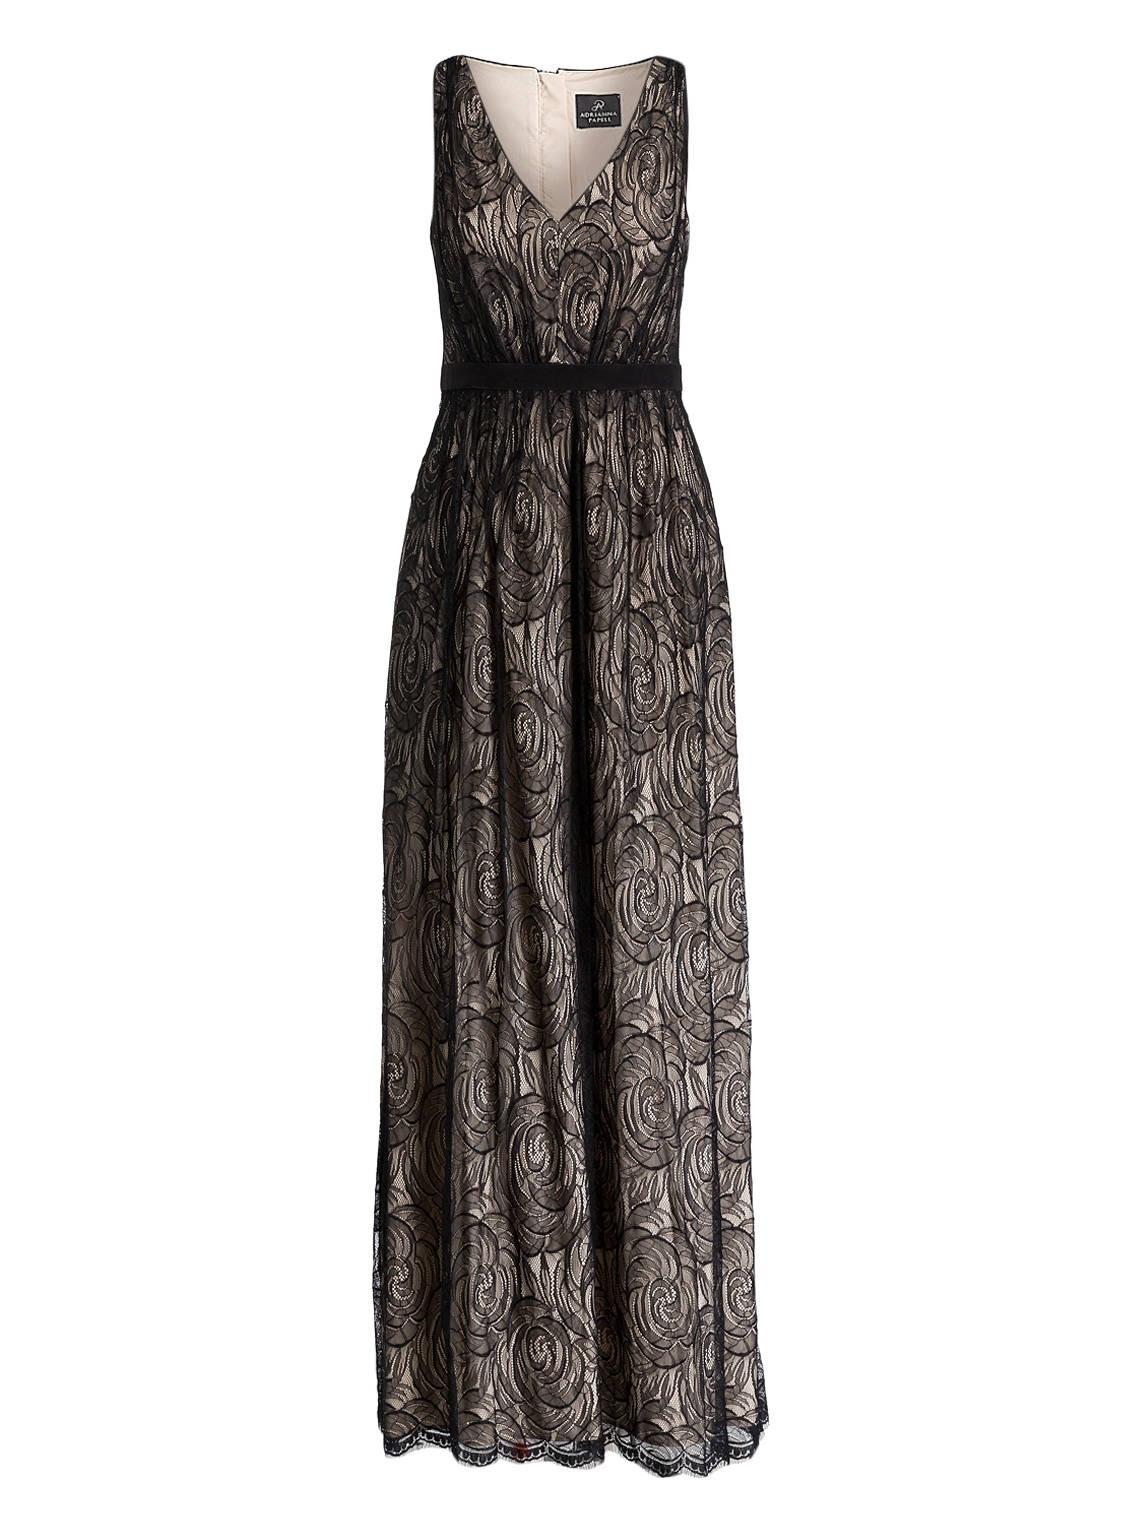 Formal Einfach Abendkleider Zu Kaufen Design10 Top Abendkleider Zu Kaufen Galerie